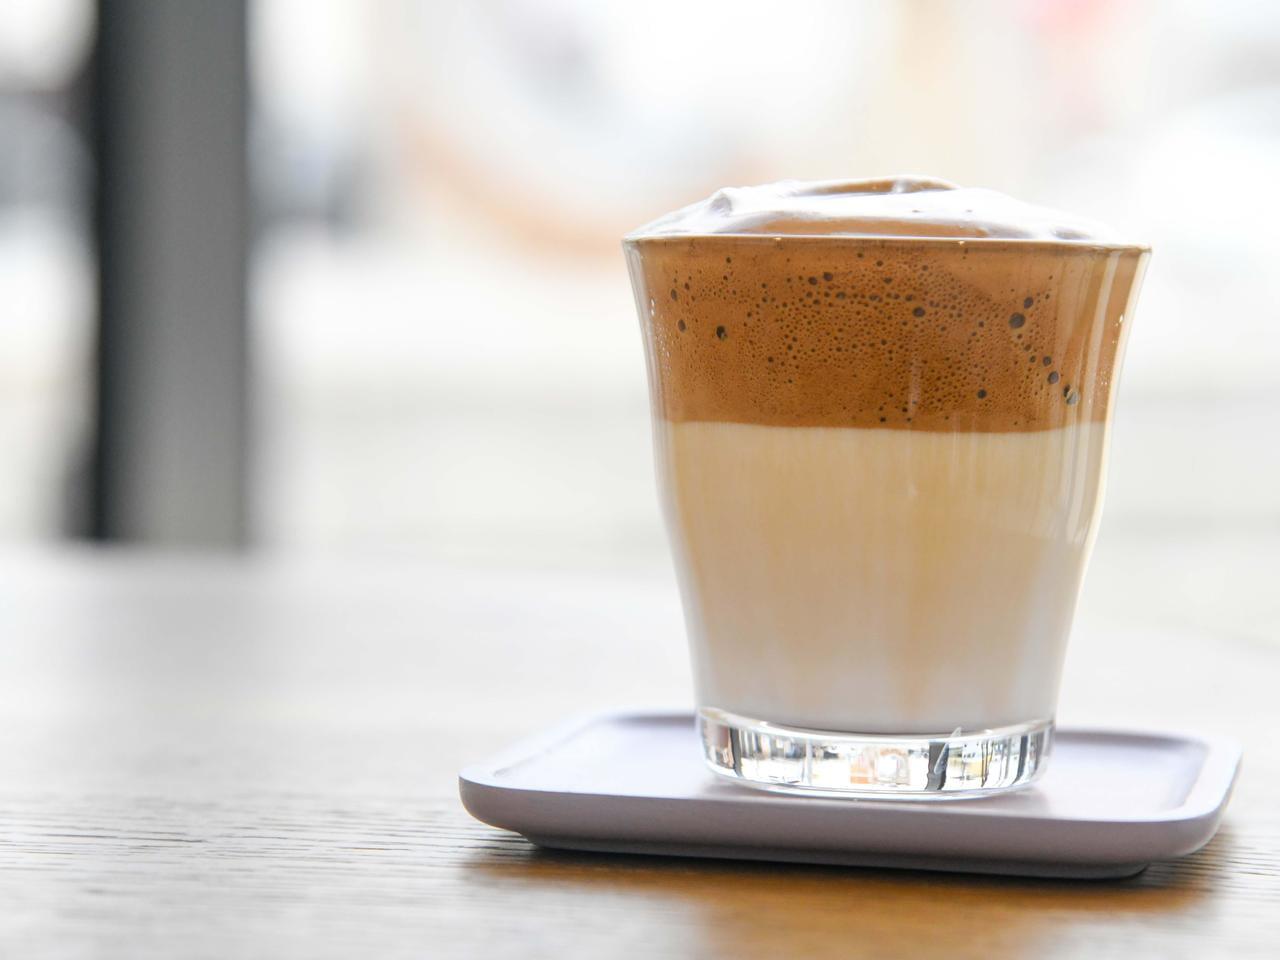 簡単ダルゴナコーヒーの作り方!アレンジレシピも【おうちカフェ】